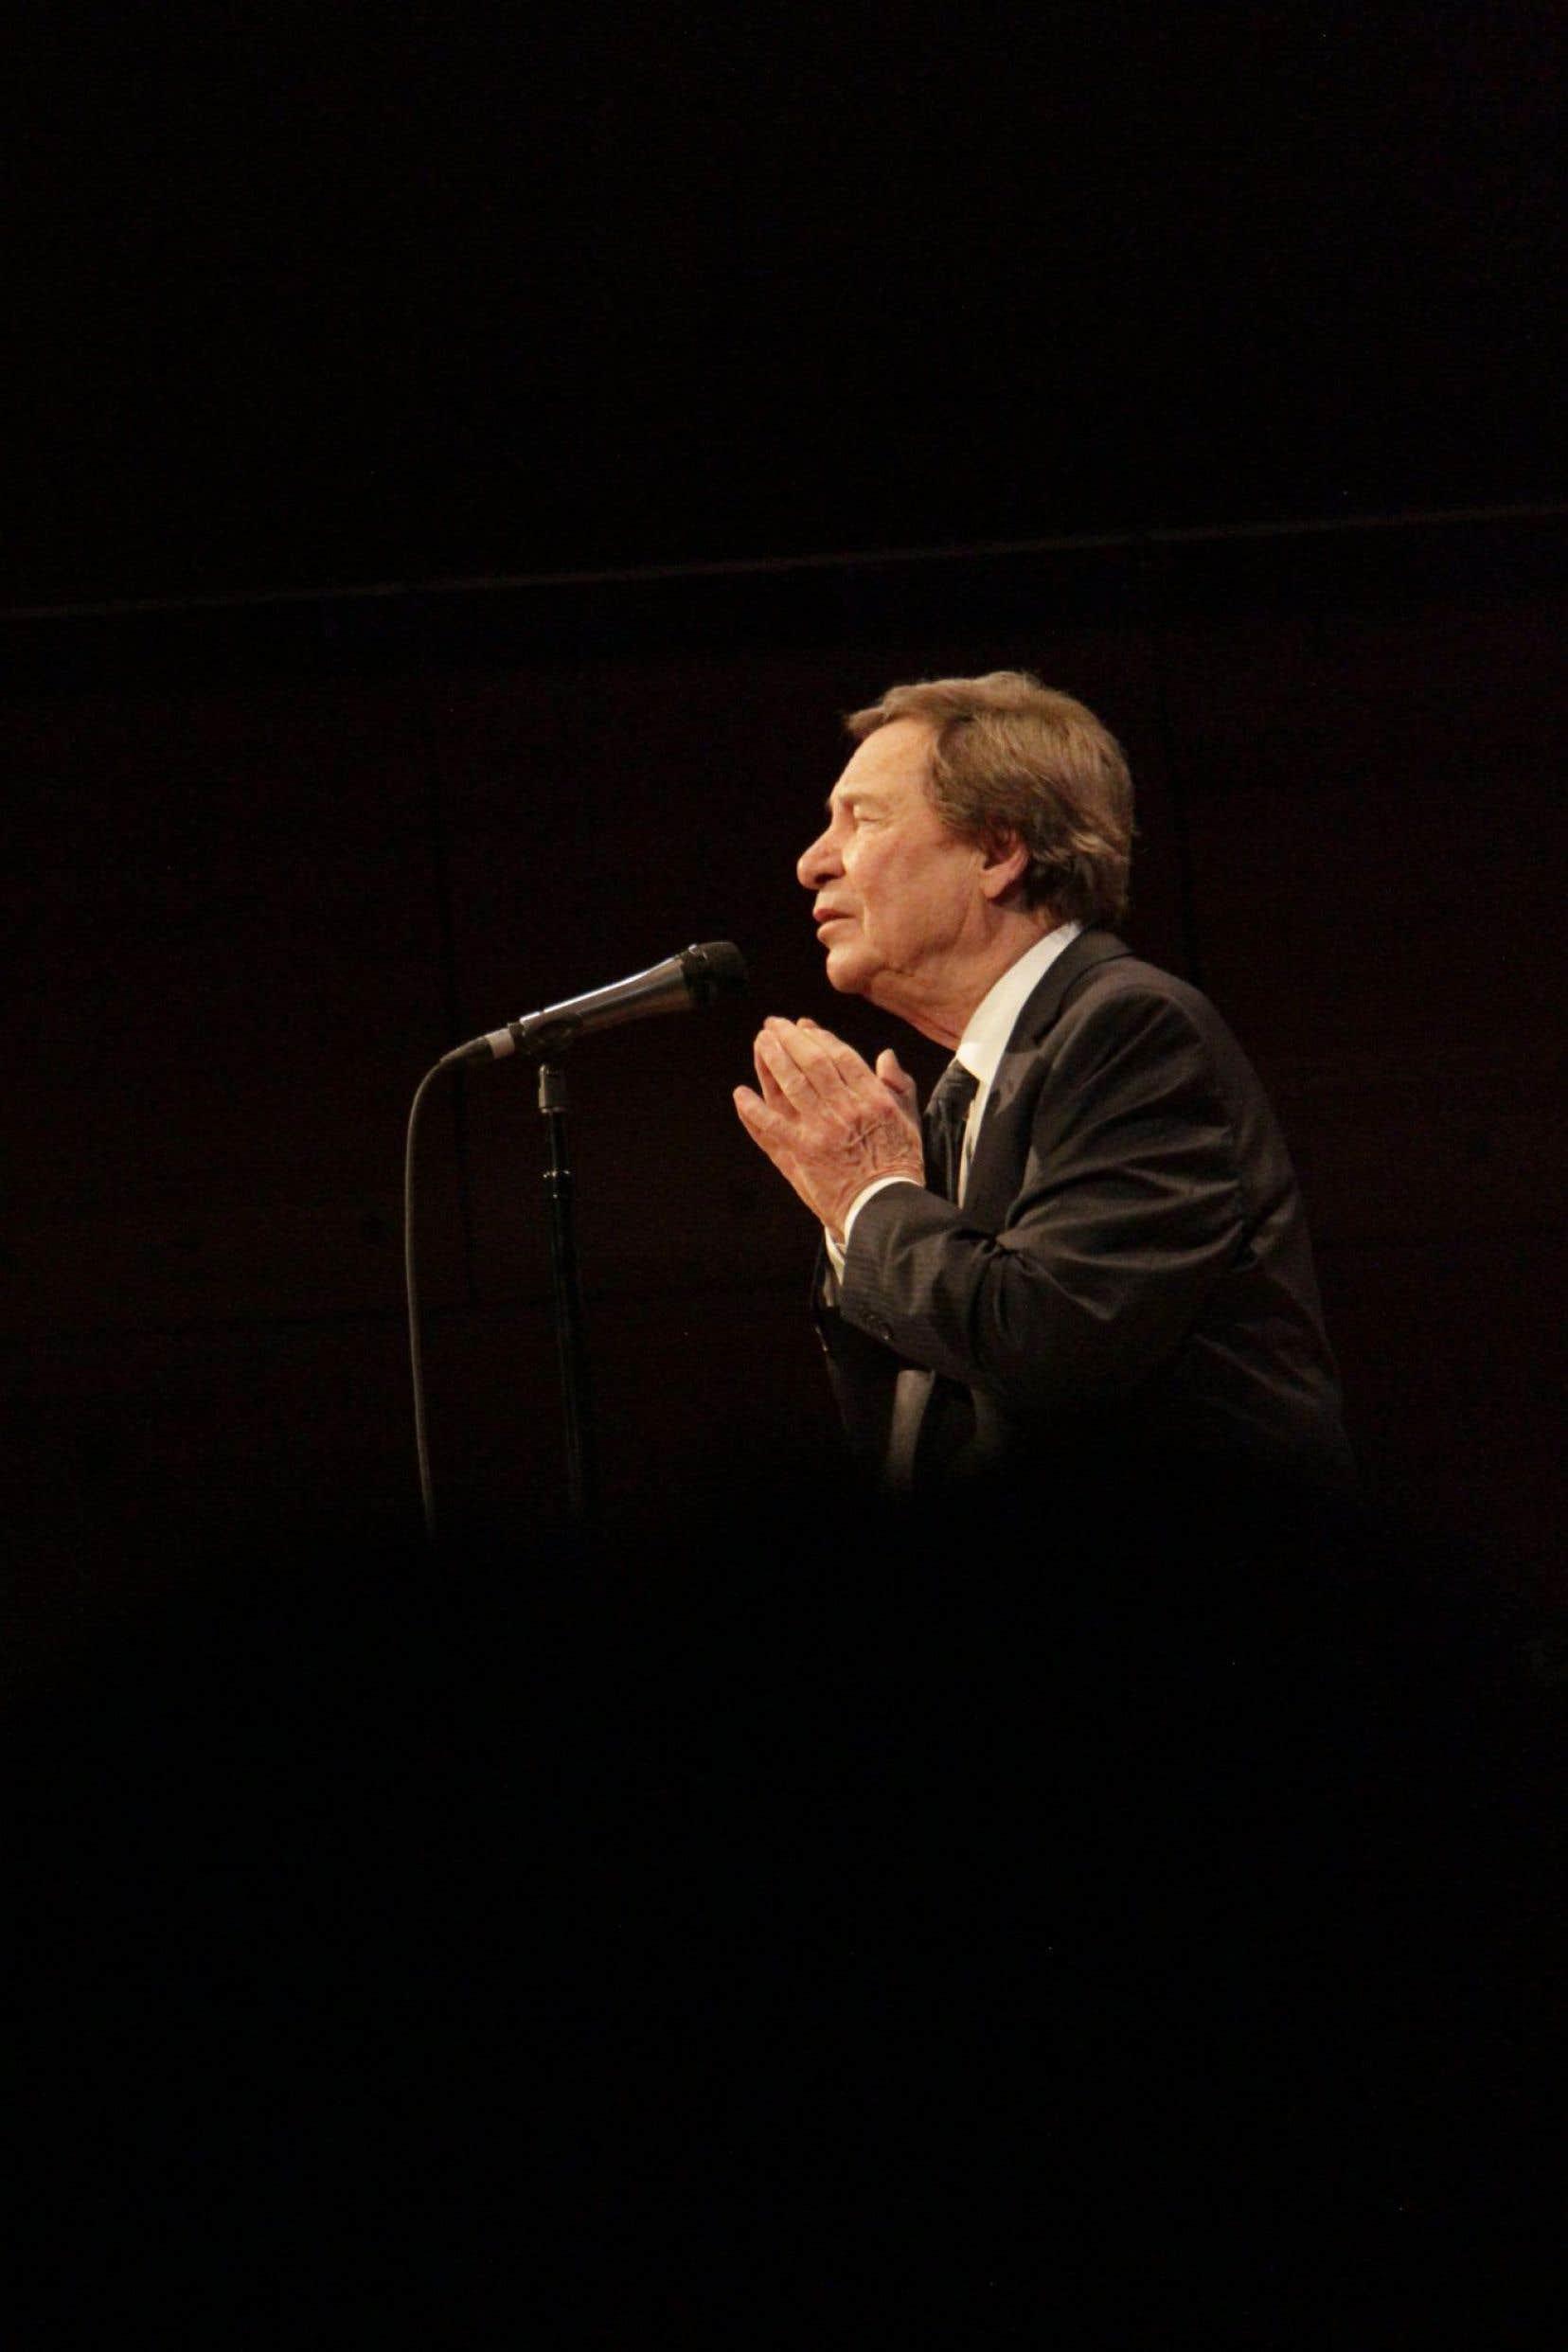 Jean-Pierre Ferland célébrait ses 80 ans en spectacle avec l'OSM.